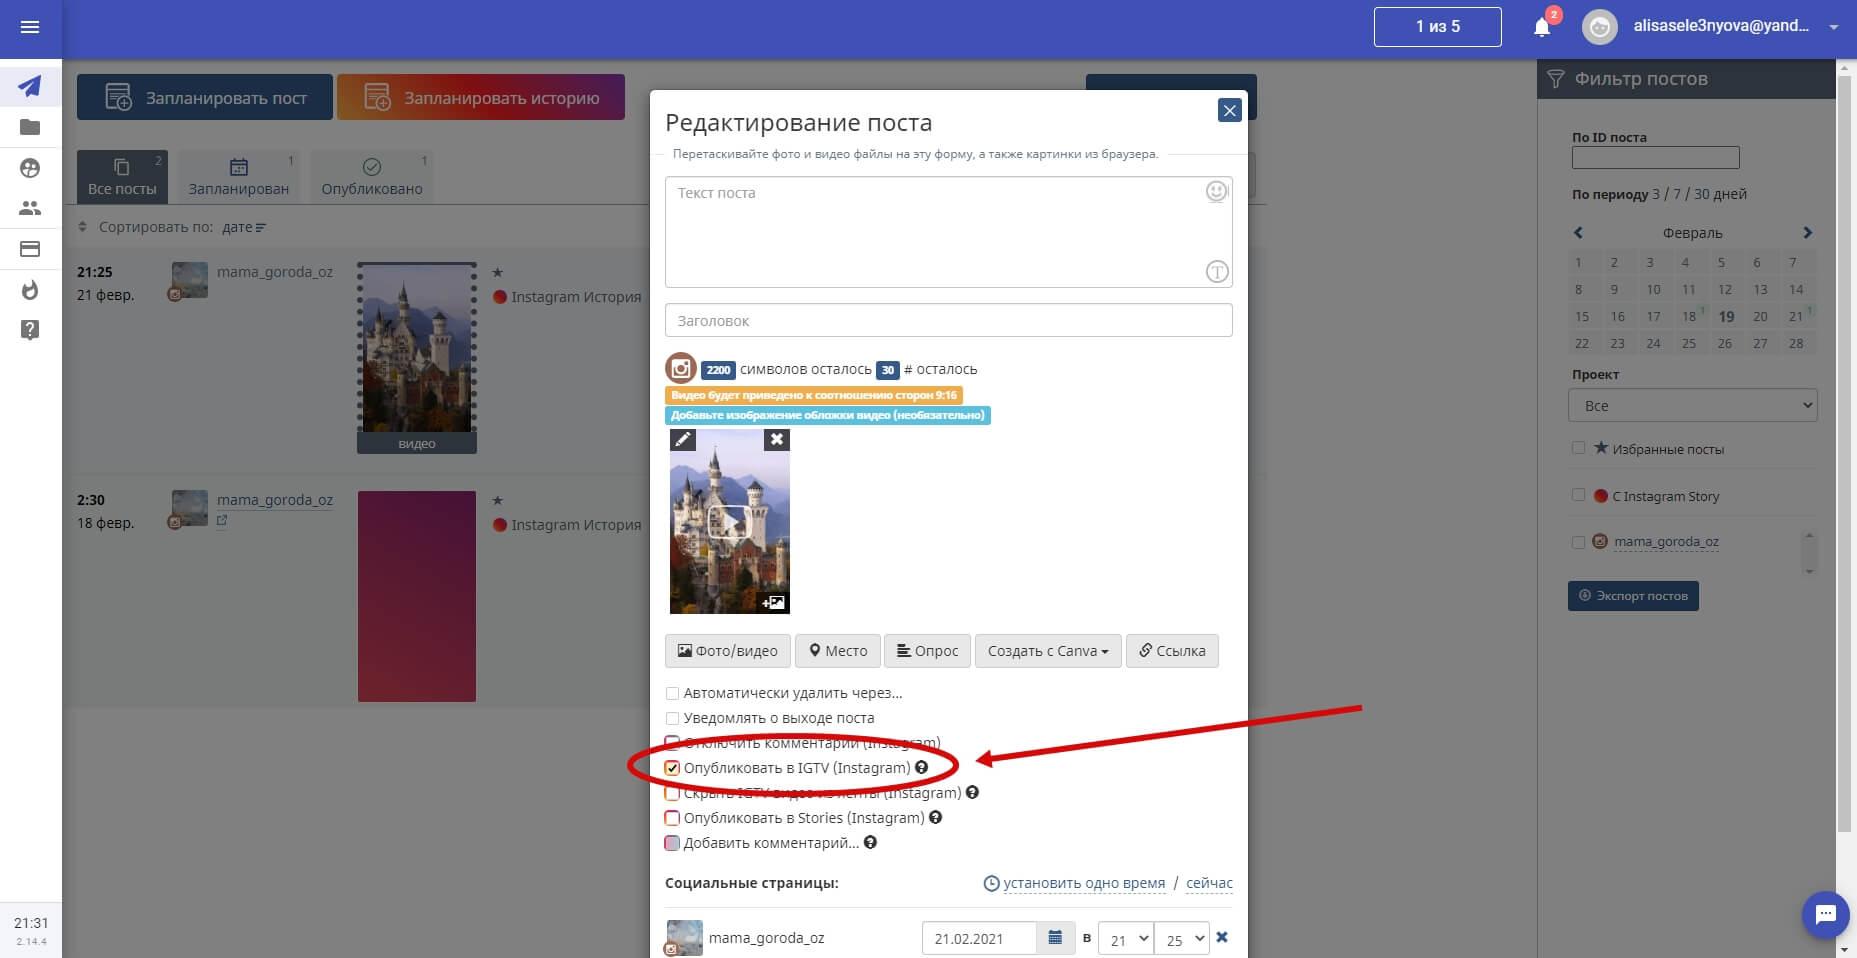 Помните, что нельзя одновременно публиковать видео в раздел IGTV и Историй